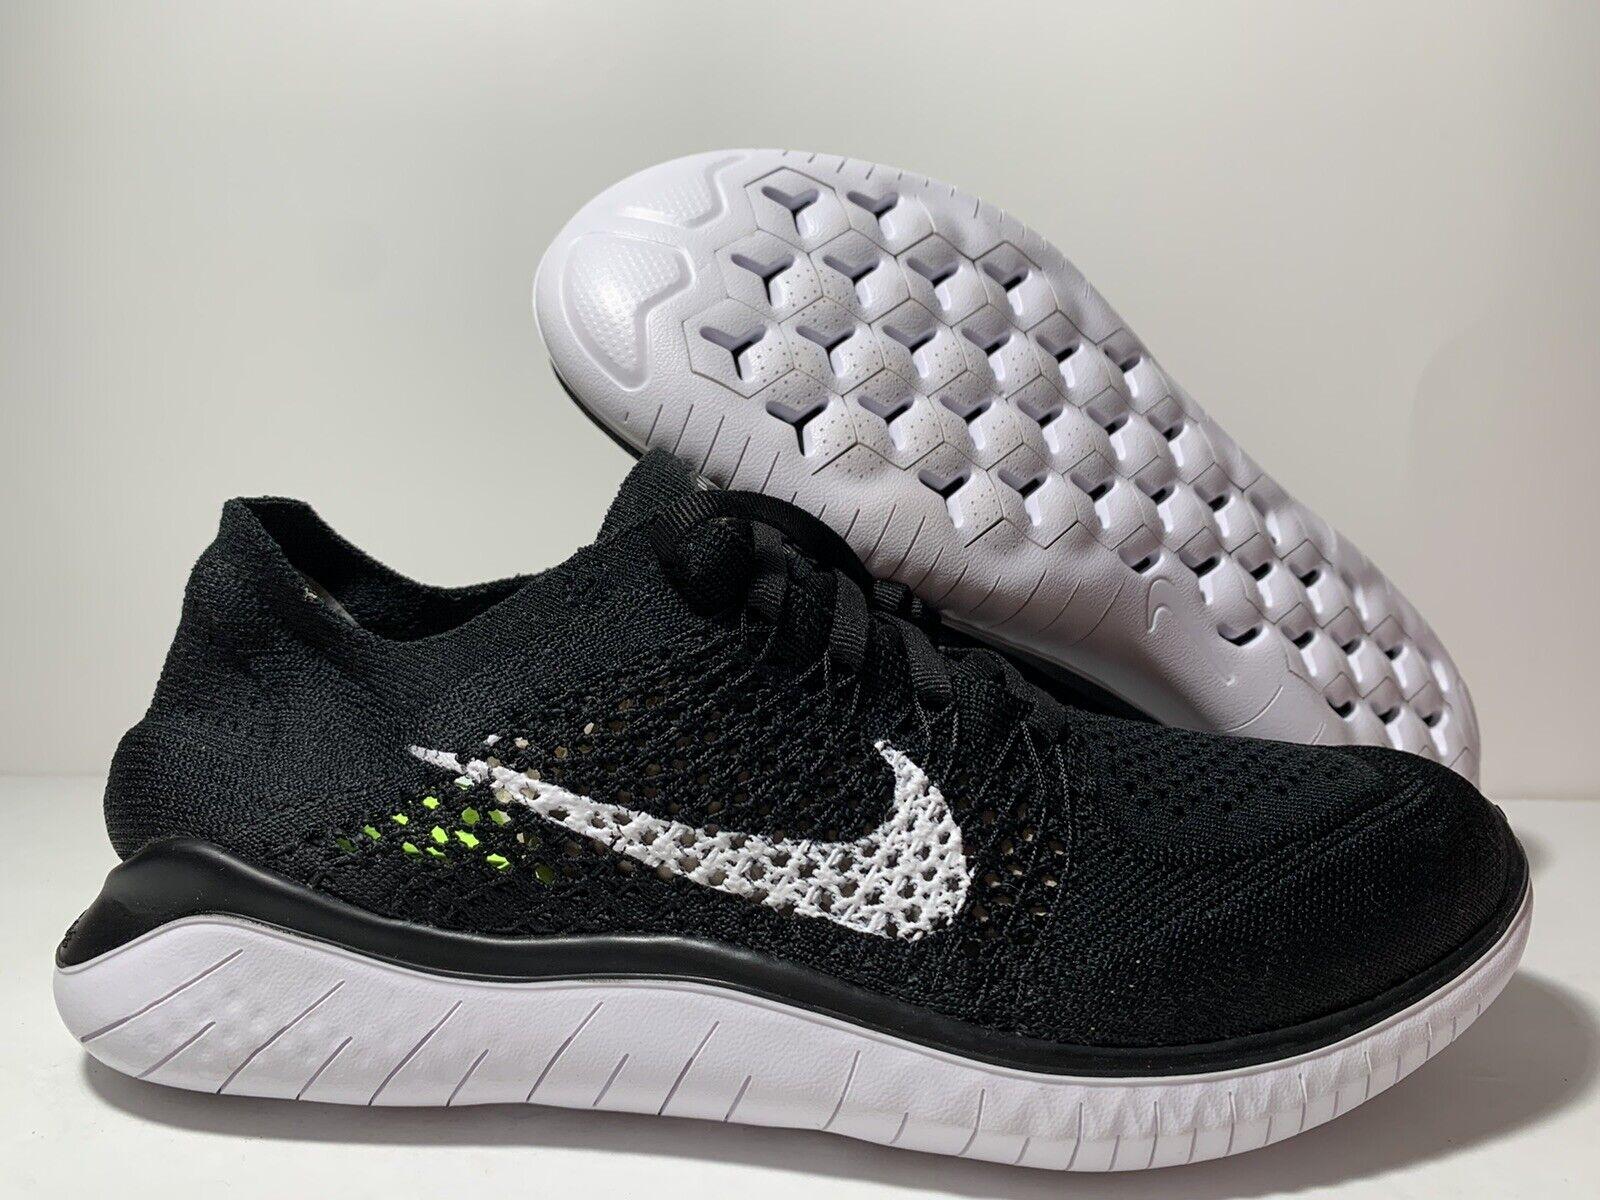 التخفيف افتراء شيئا ما Nike Free Run 2018 Trainers Mens Claudiastories Com